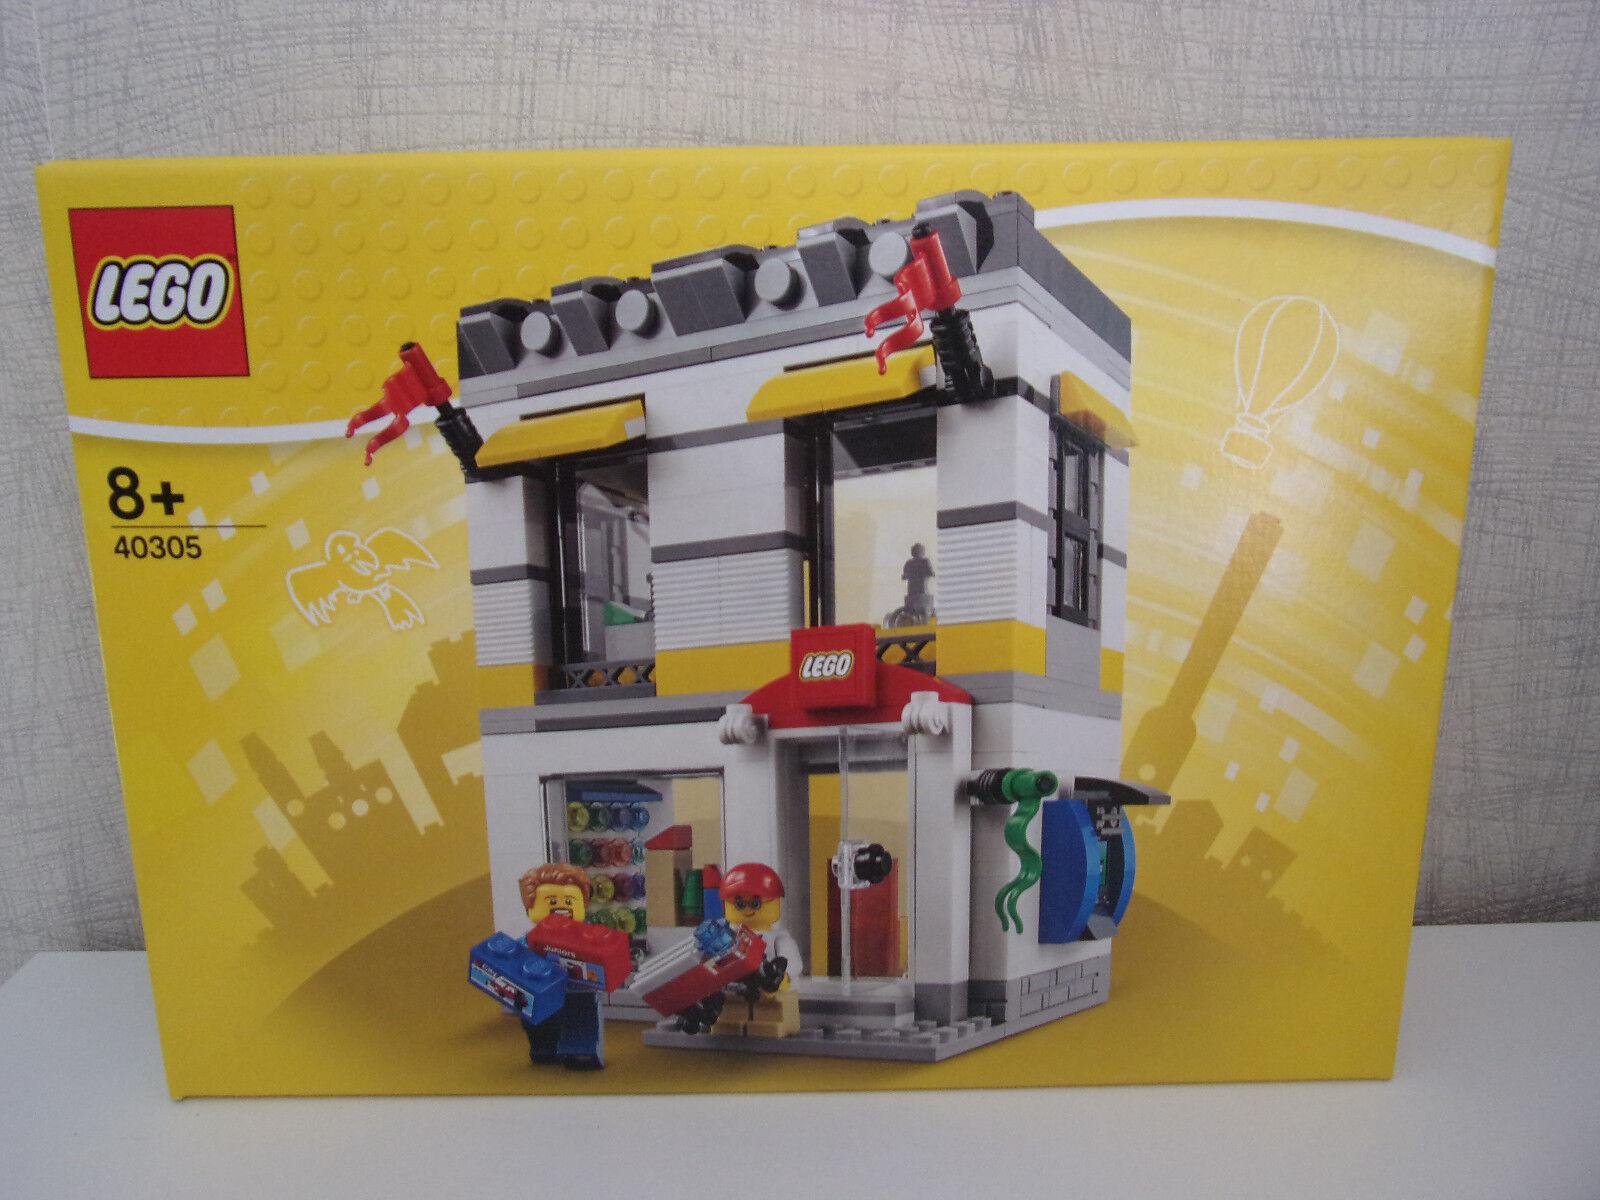 Lego 40305 Negocio en Formato Mini (Micro Brand Store) - Nuevo y Emb. Orig.